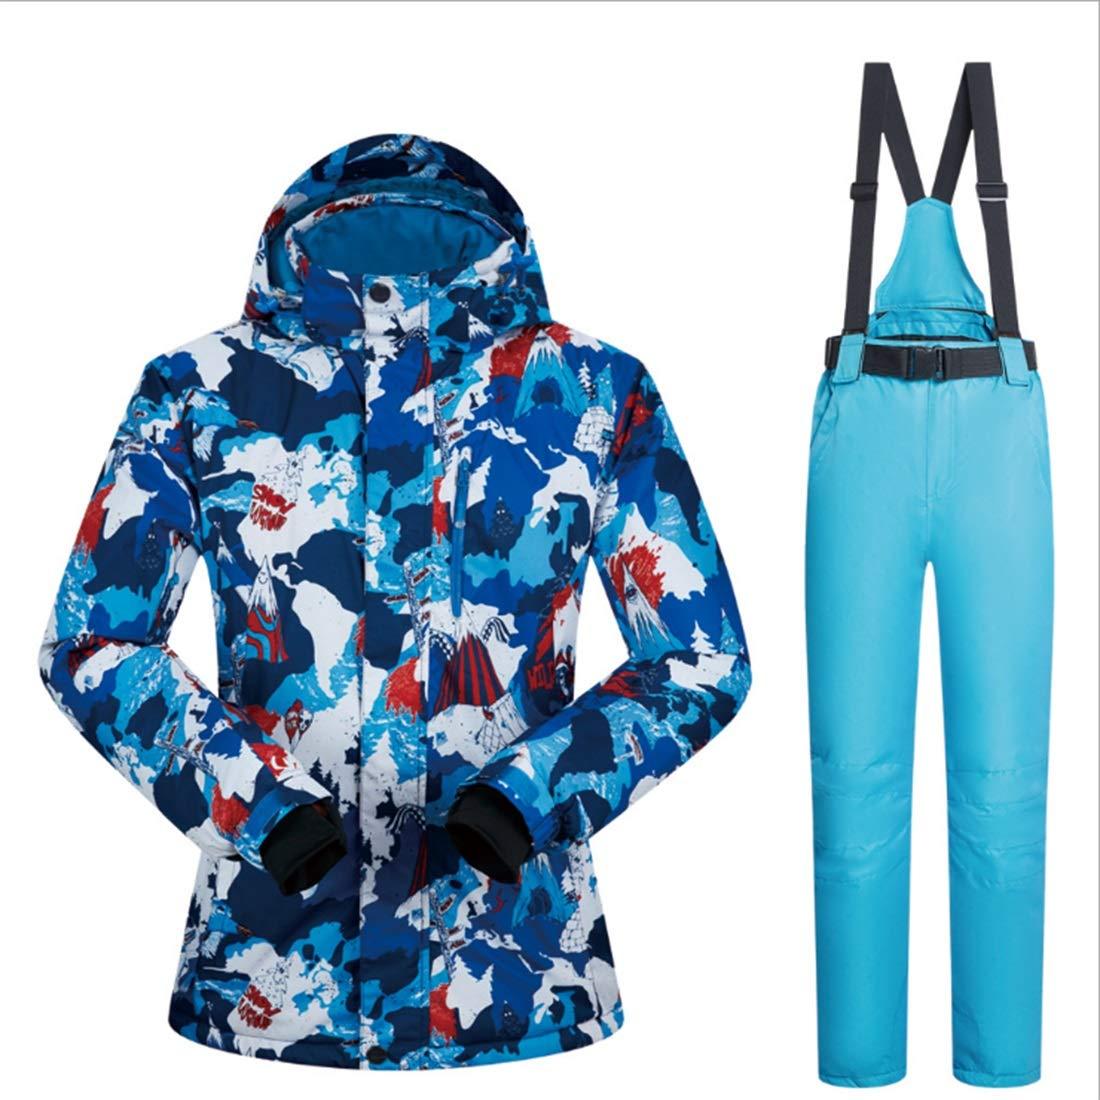 UICICI Giacca da da da Sci da Snowboard Traspirante Impermeabile da Uomo per Escursionismo all'aperto (Coloree   05, Dimensione   XXL)B07MSL42XVXXL 01 | Spaccio  | elegante  | Conveniente  | Export  | Prestazione eccellente  | flagship store  76919c